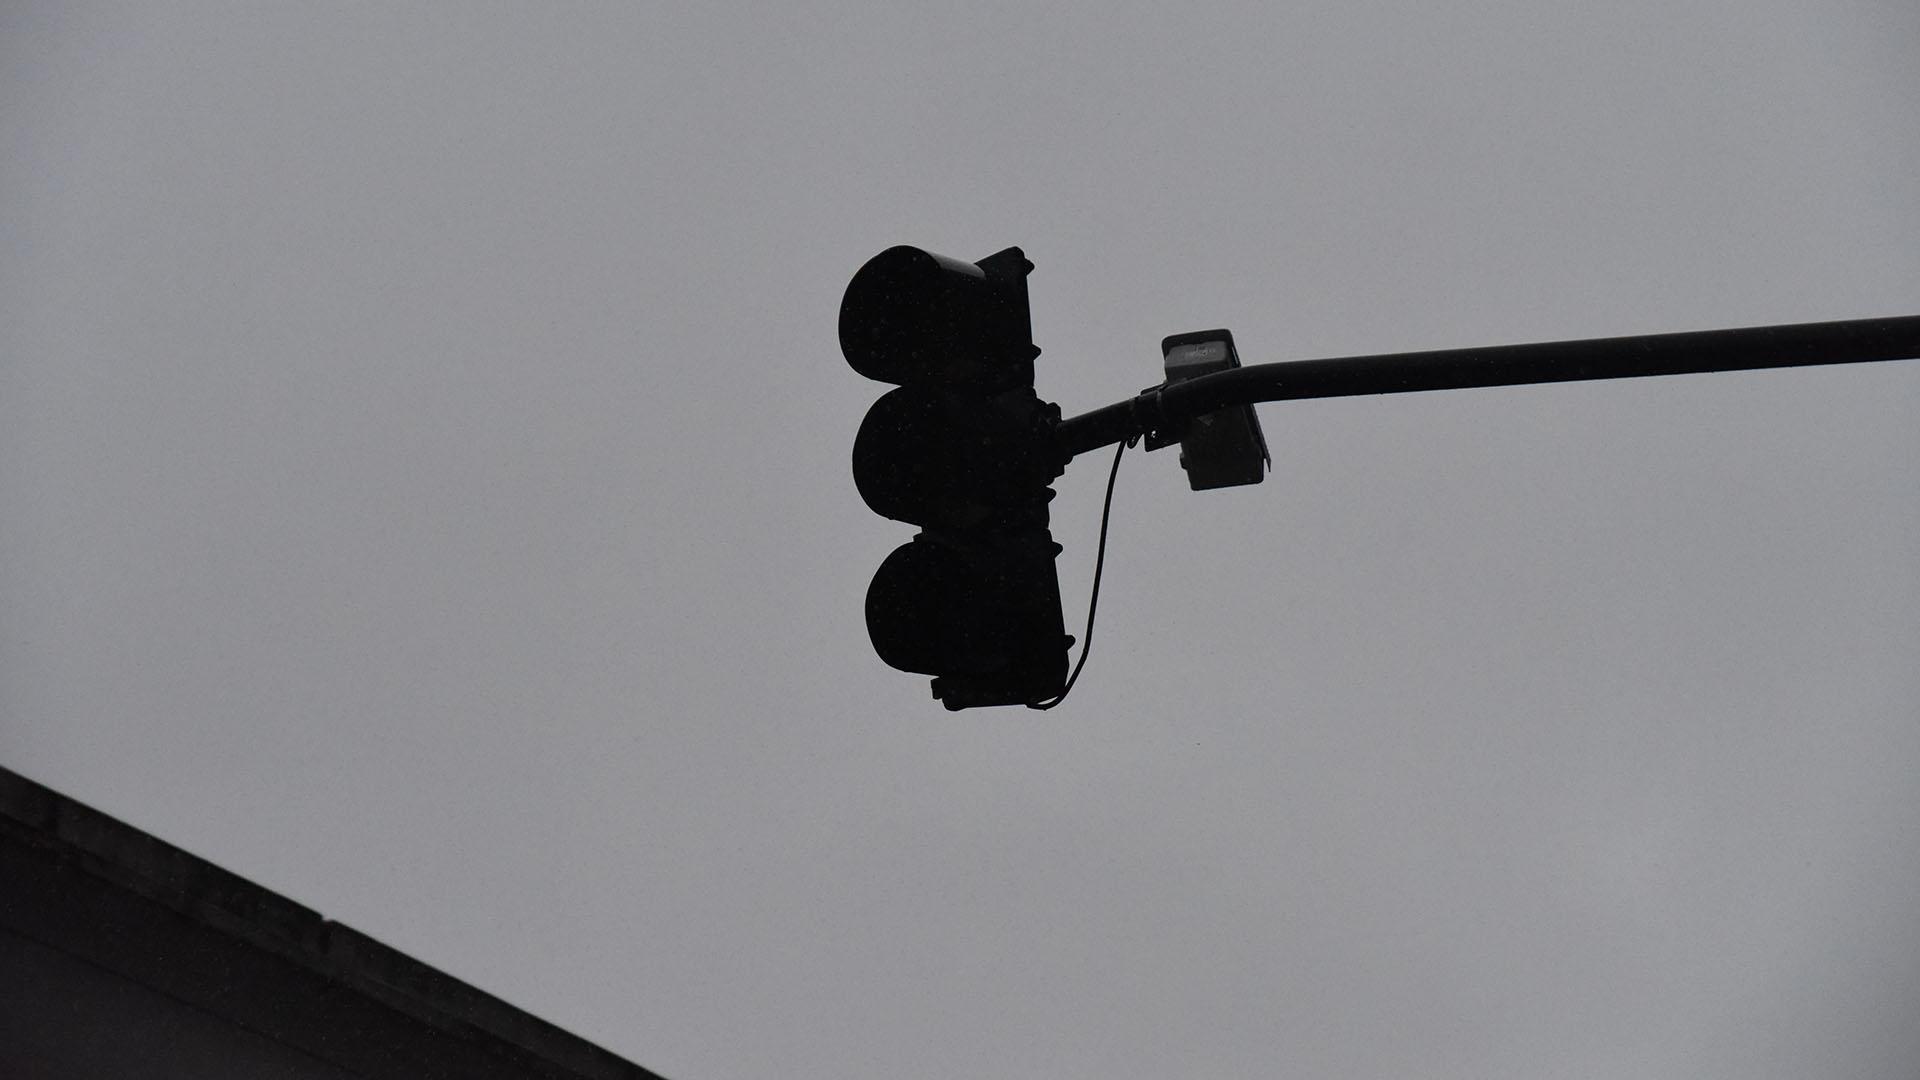 Con los semáforos fuera de servicio, muchos usuarios en redes sociales exhortaban a extremar las precauciones para circular